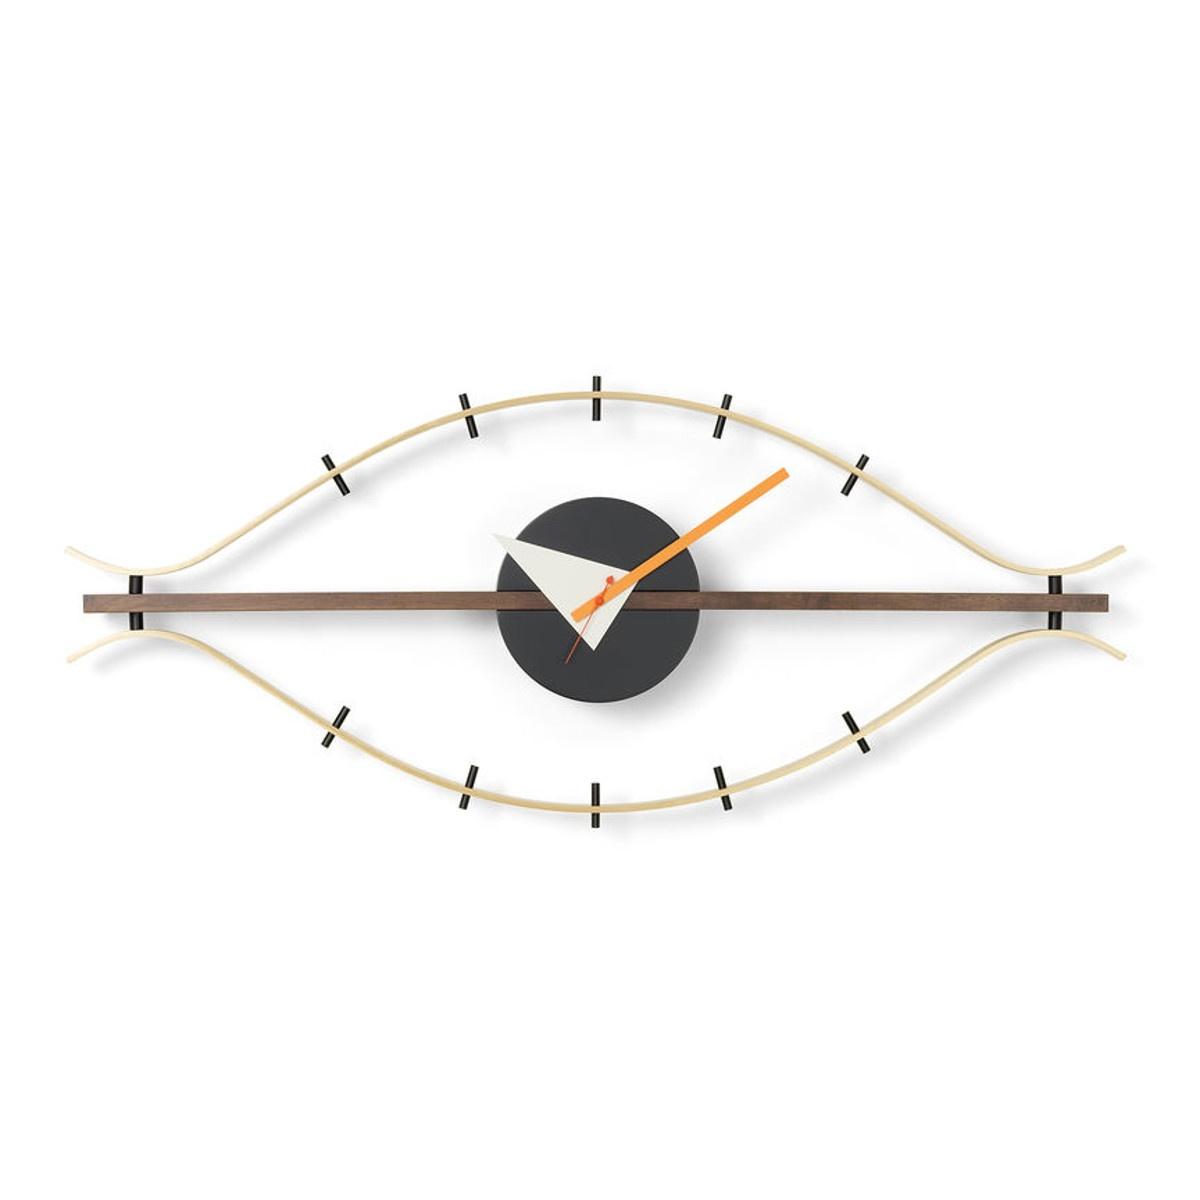 Imitujący ludzkie oko zegar ścienny Eye George Nelson Vitra